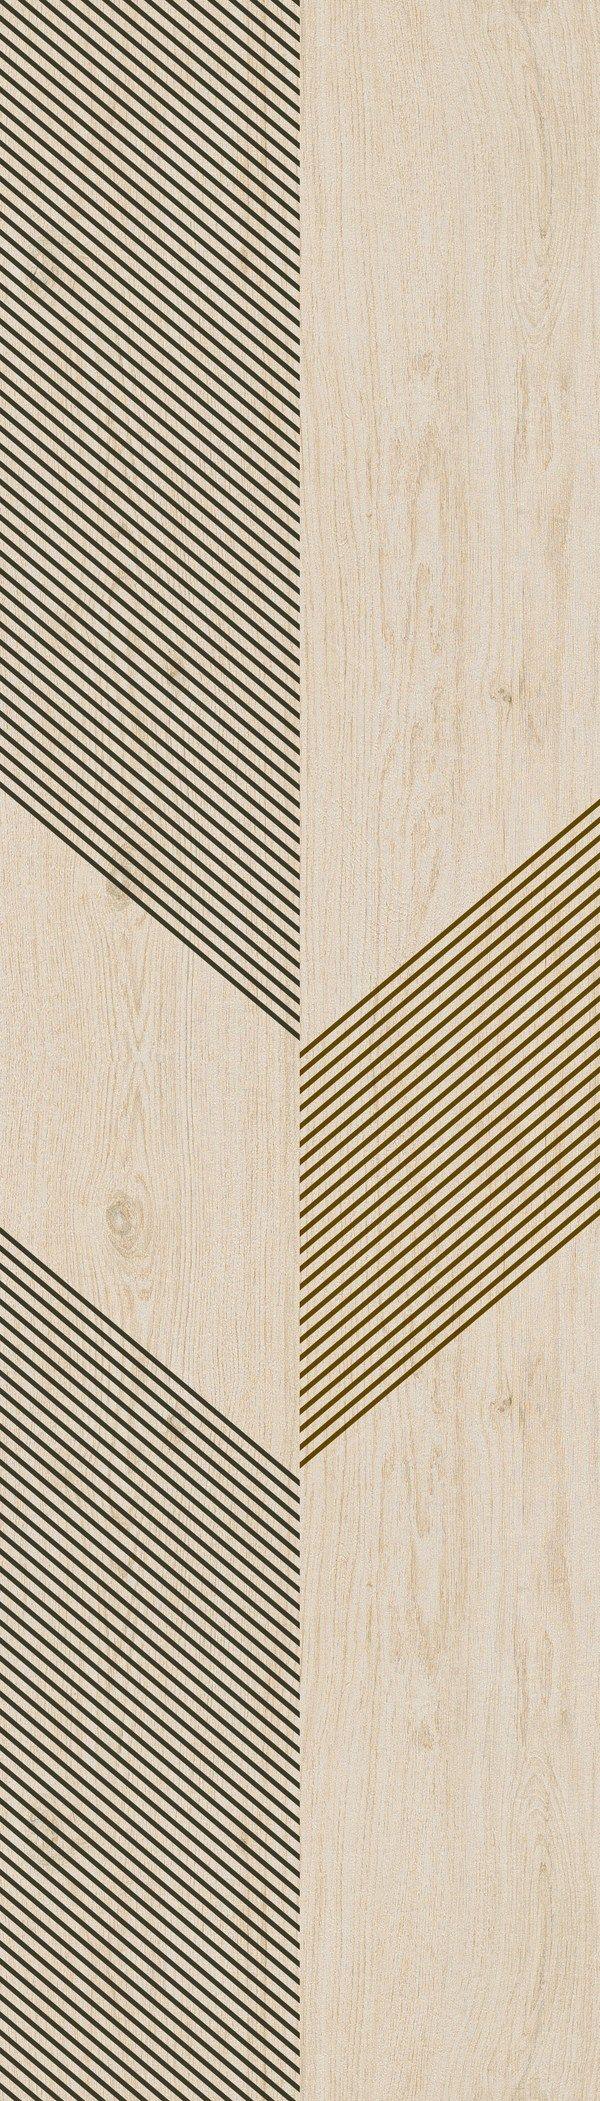 M s de 1000 ideas sobre pisos imitacion madera en - Suelo gres imitacion madera ...